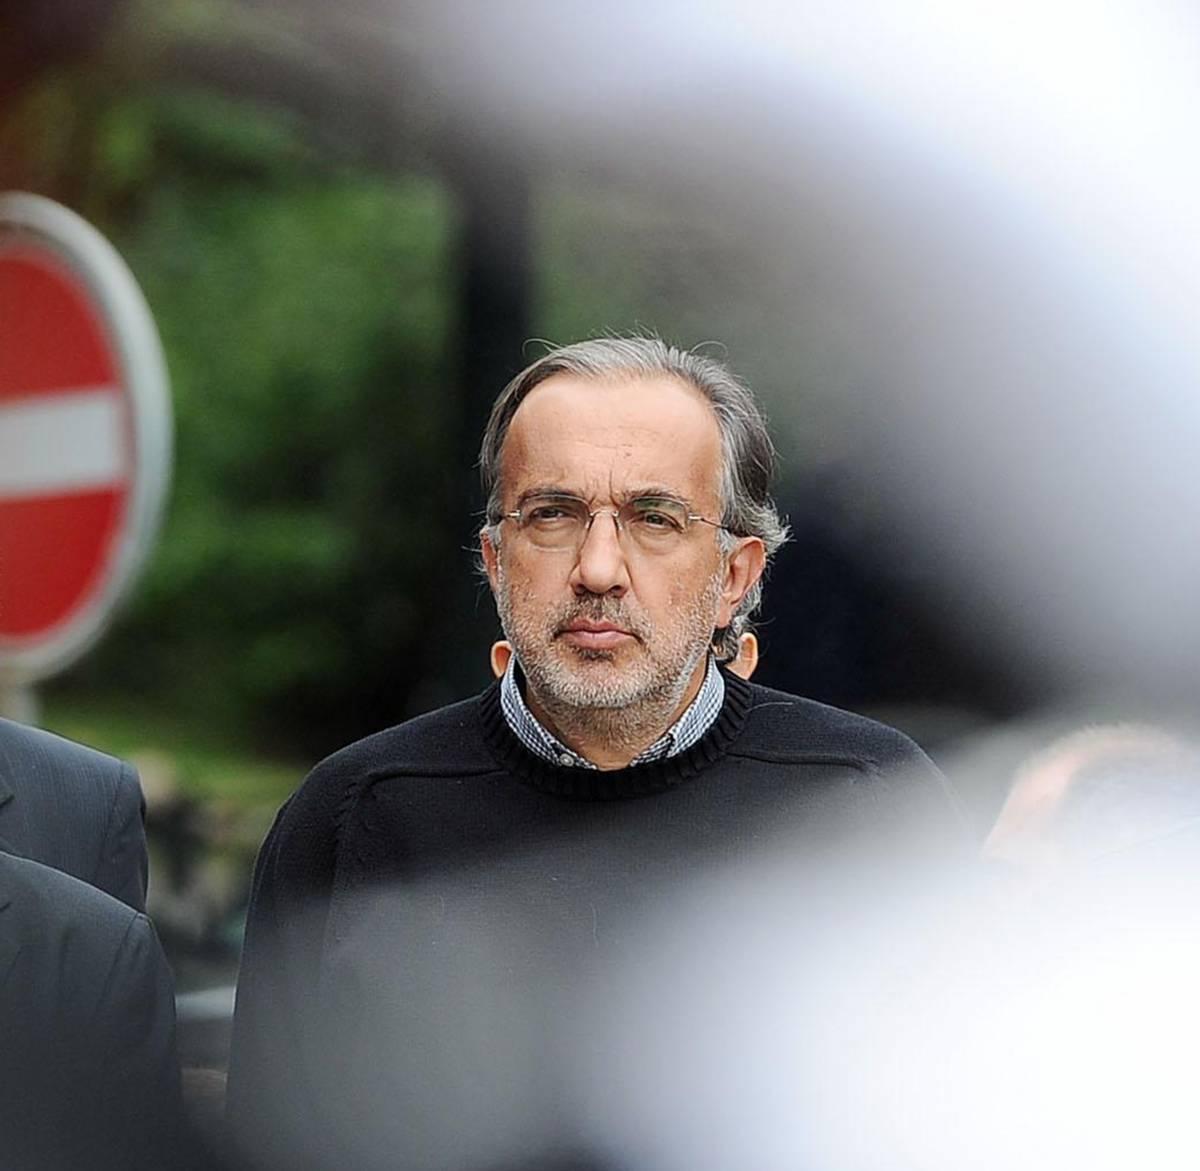 L'amministratore delegato della Fiat, Sergio Marchionne